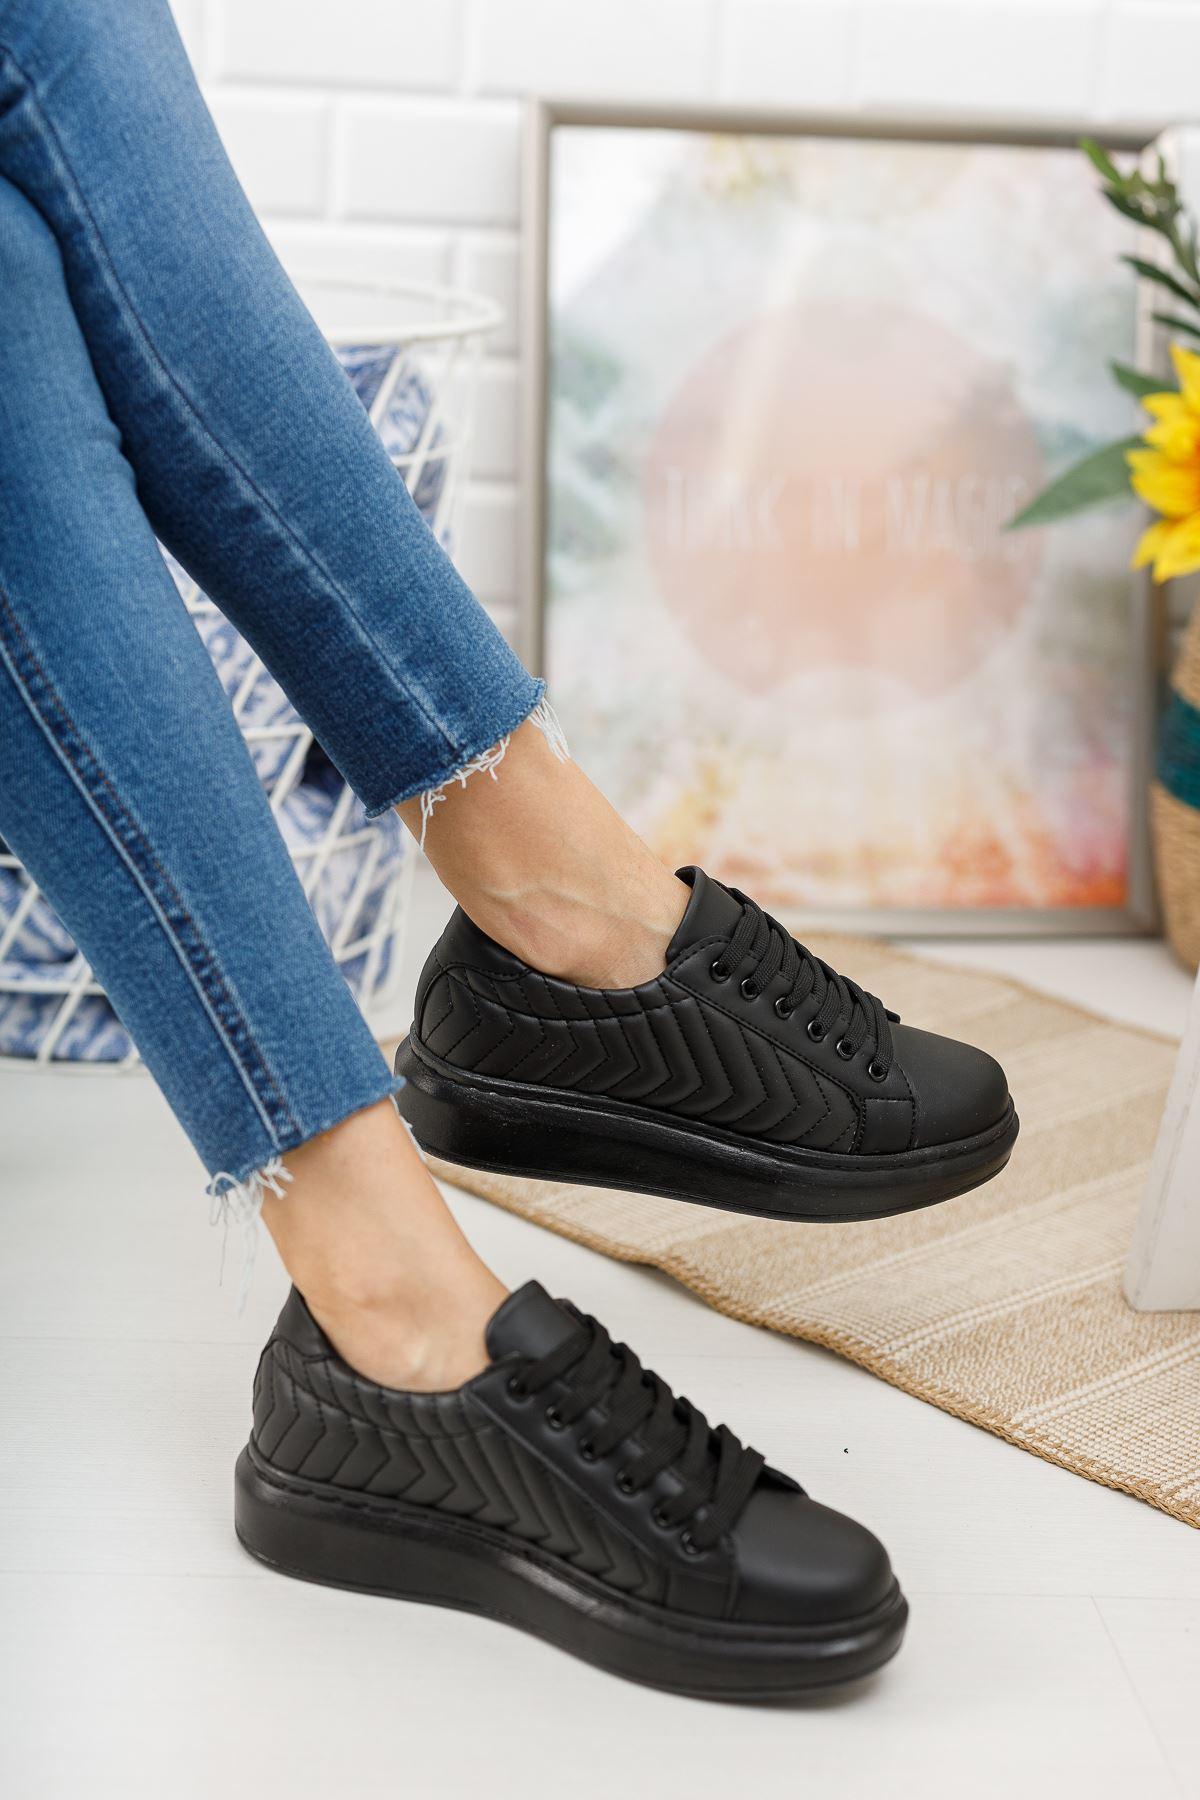 Cristo Kapitoneli Bağcıklı Siyah Spor Ayakkabı